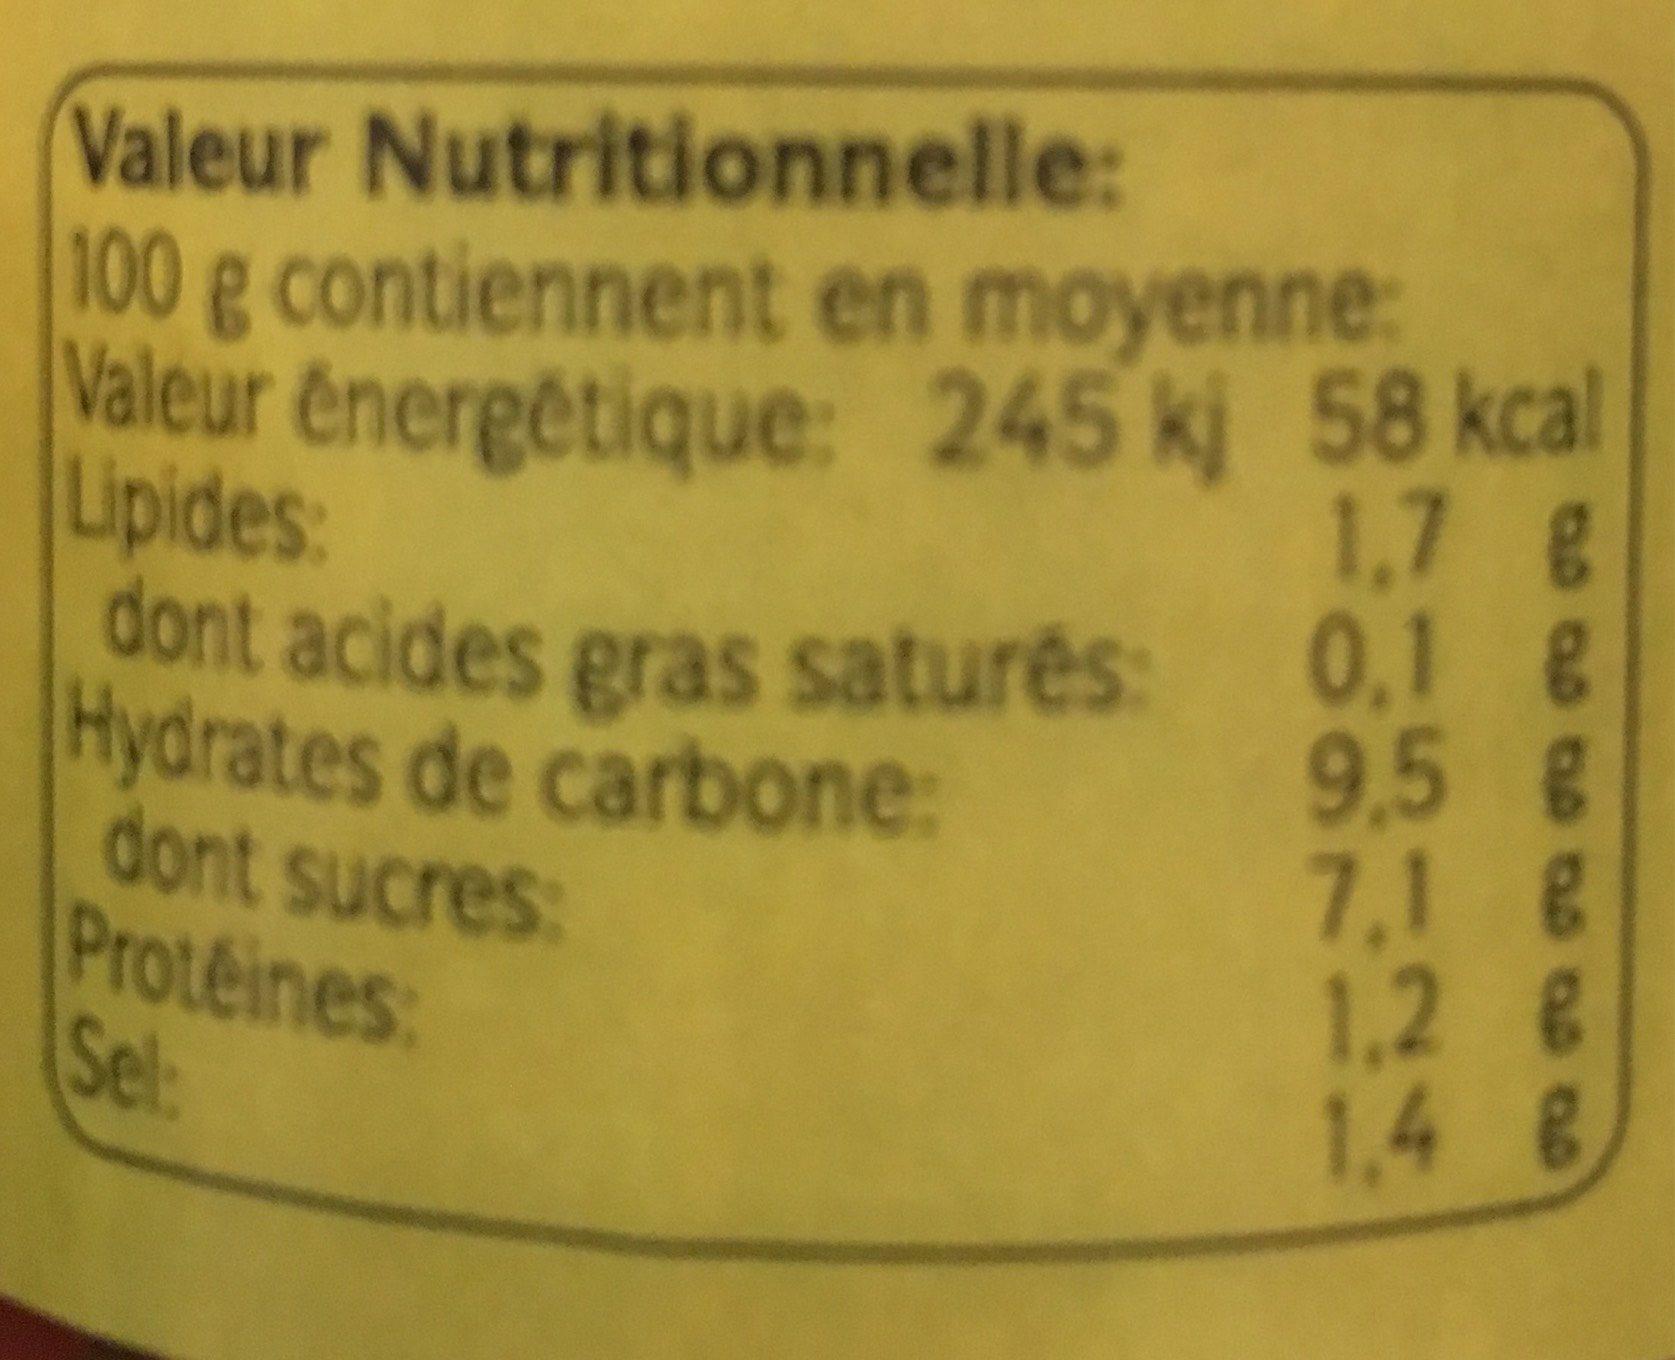 Purée de tomates bio arrabiata - Informations nutritionnelles - fr